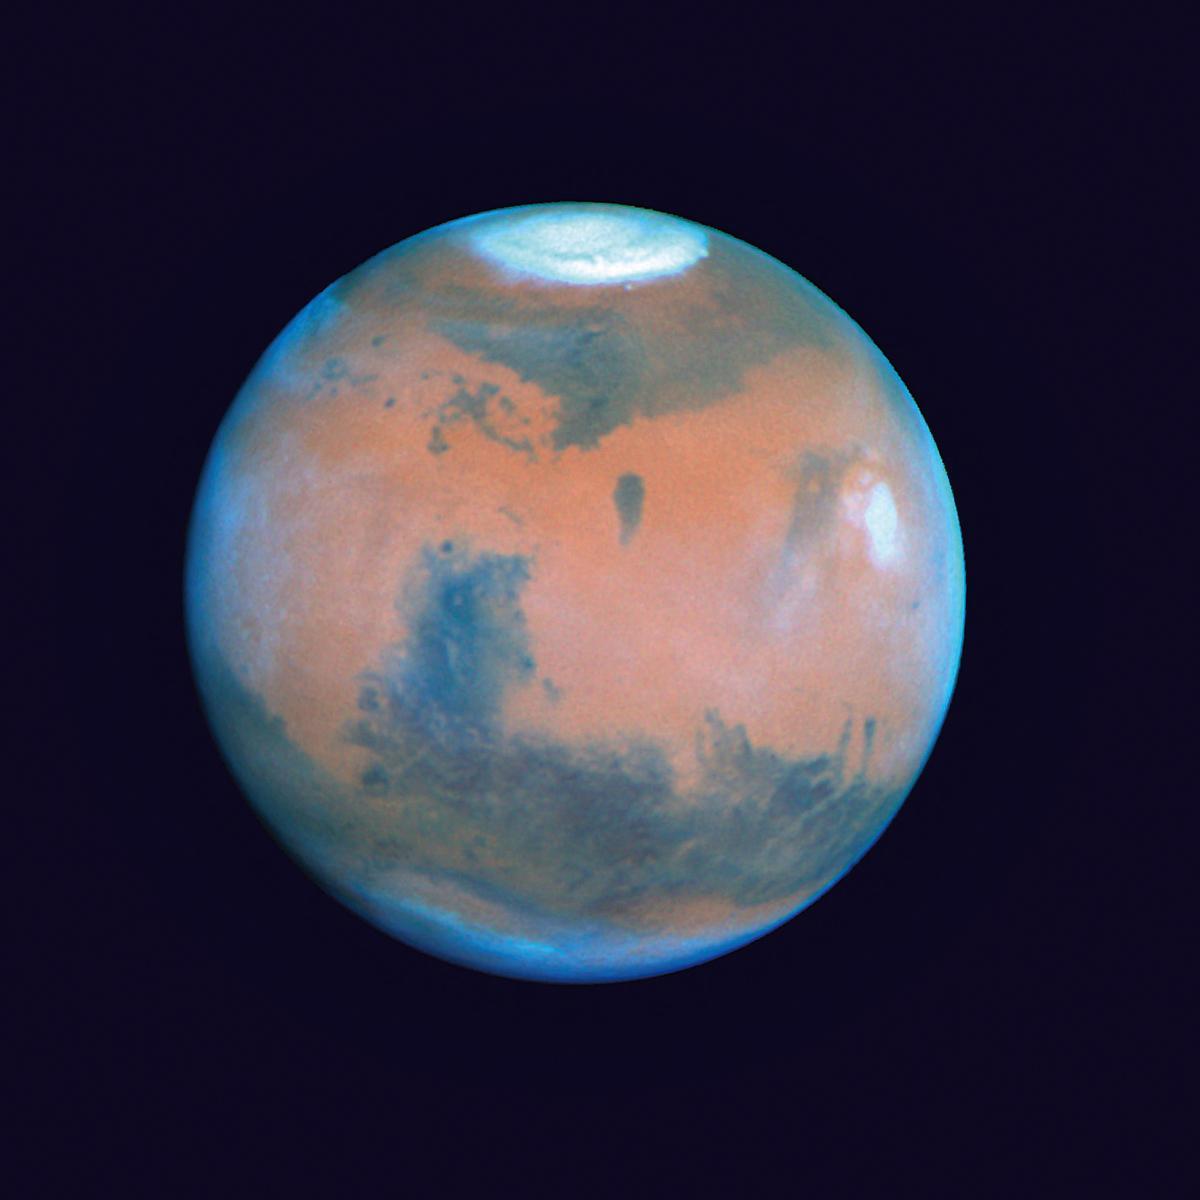 7月31日前後の約1ヵ月は火星を観察しやすい好条件が続く